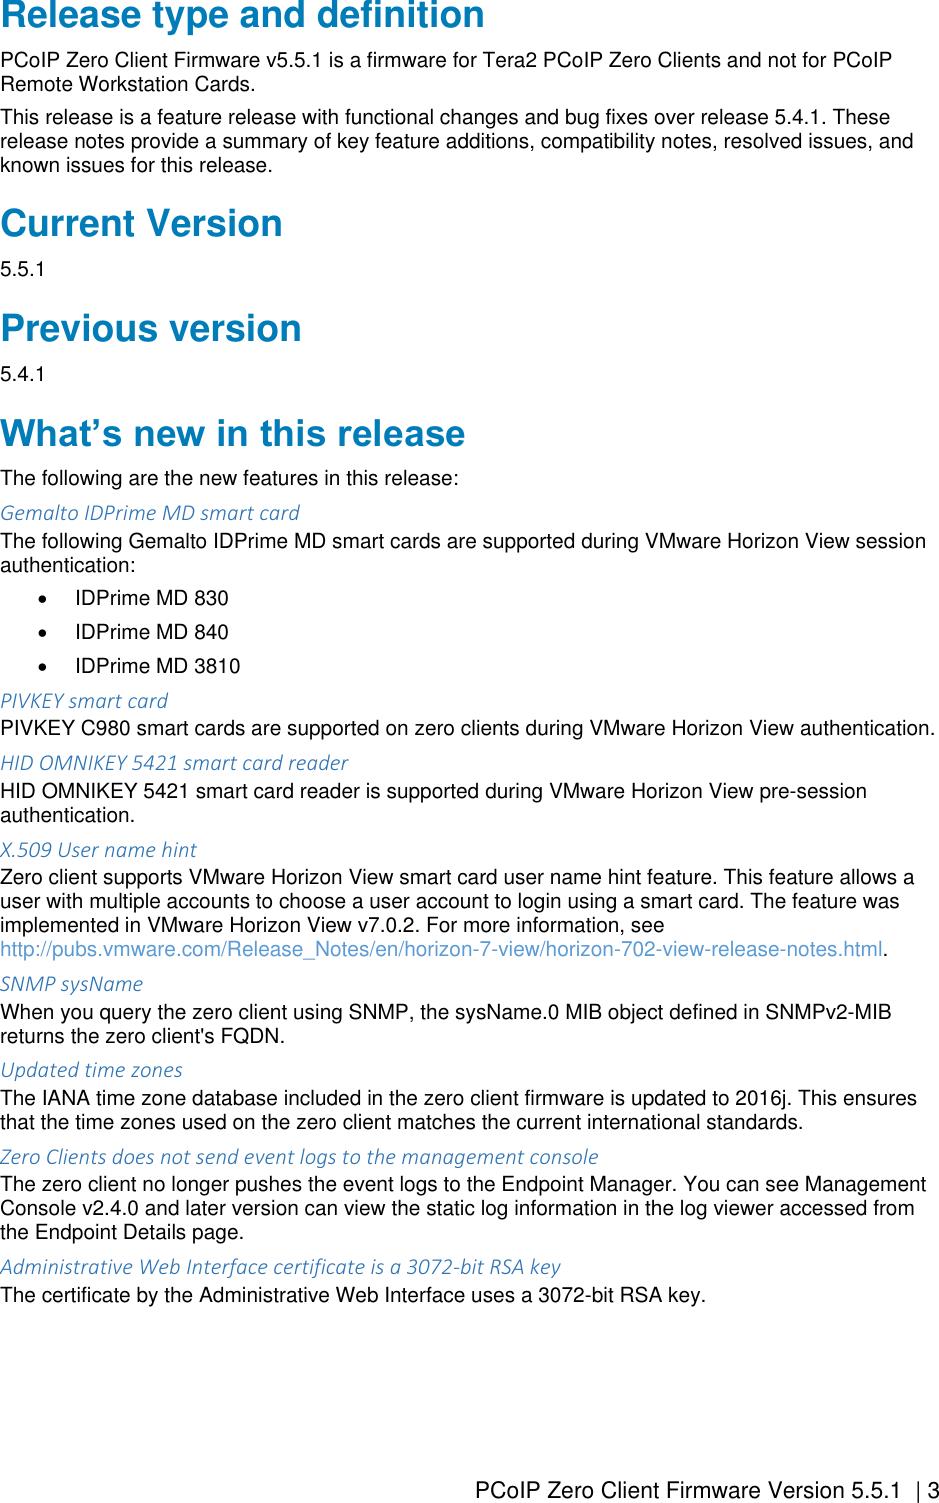 Dell Wyse p25 PCoIP Zero Client Firmware Version 5 5 1